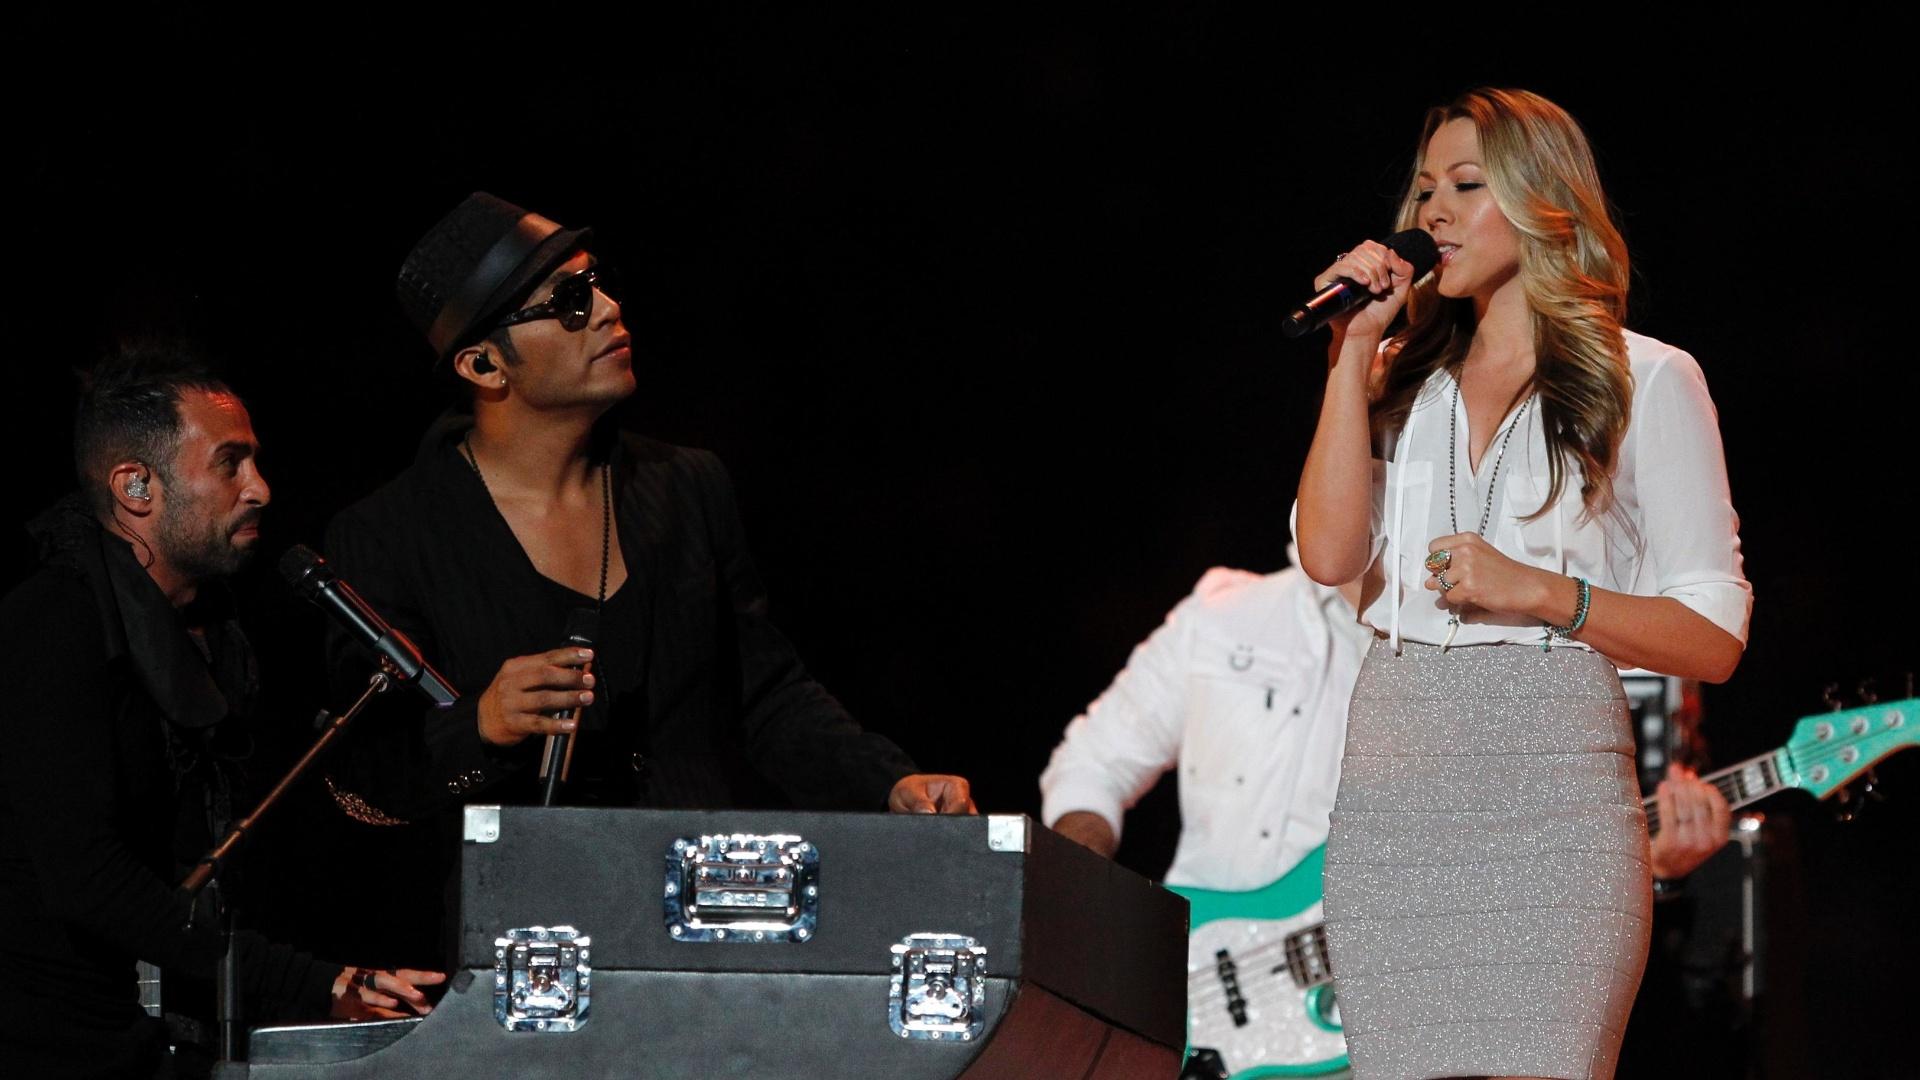 A cantora norte-americana Colbie Cailat fez participação na cerimônia de encerramento do Pan e cantou com o grupo mexicano Camila